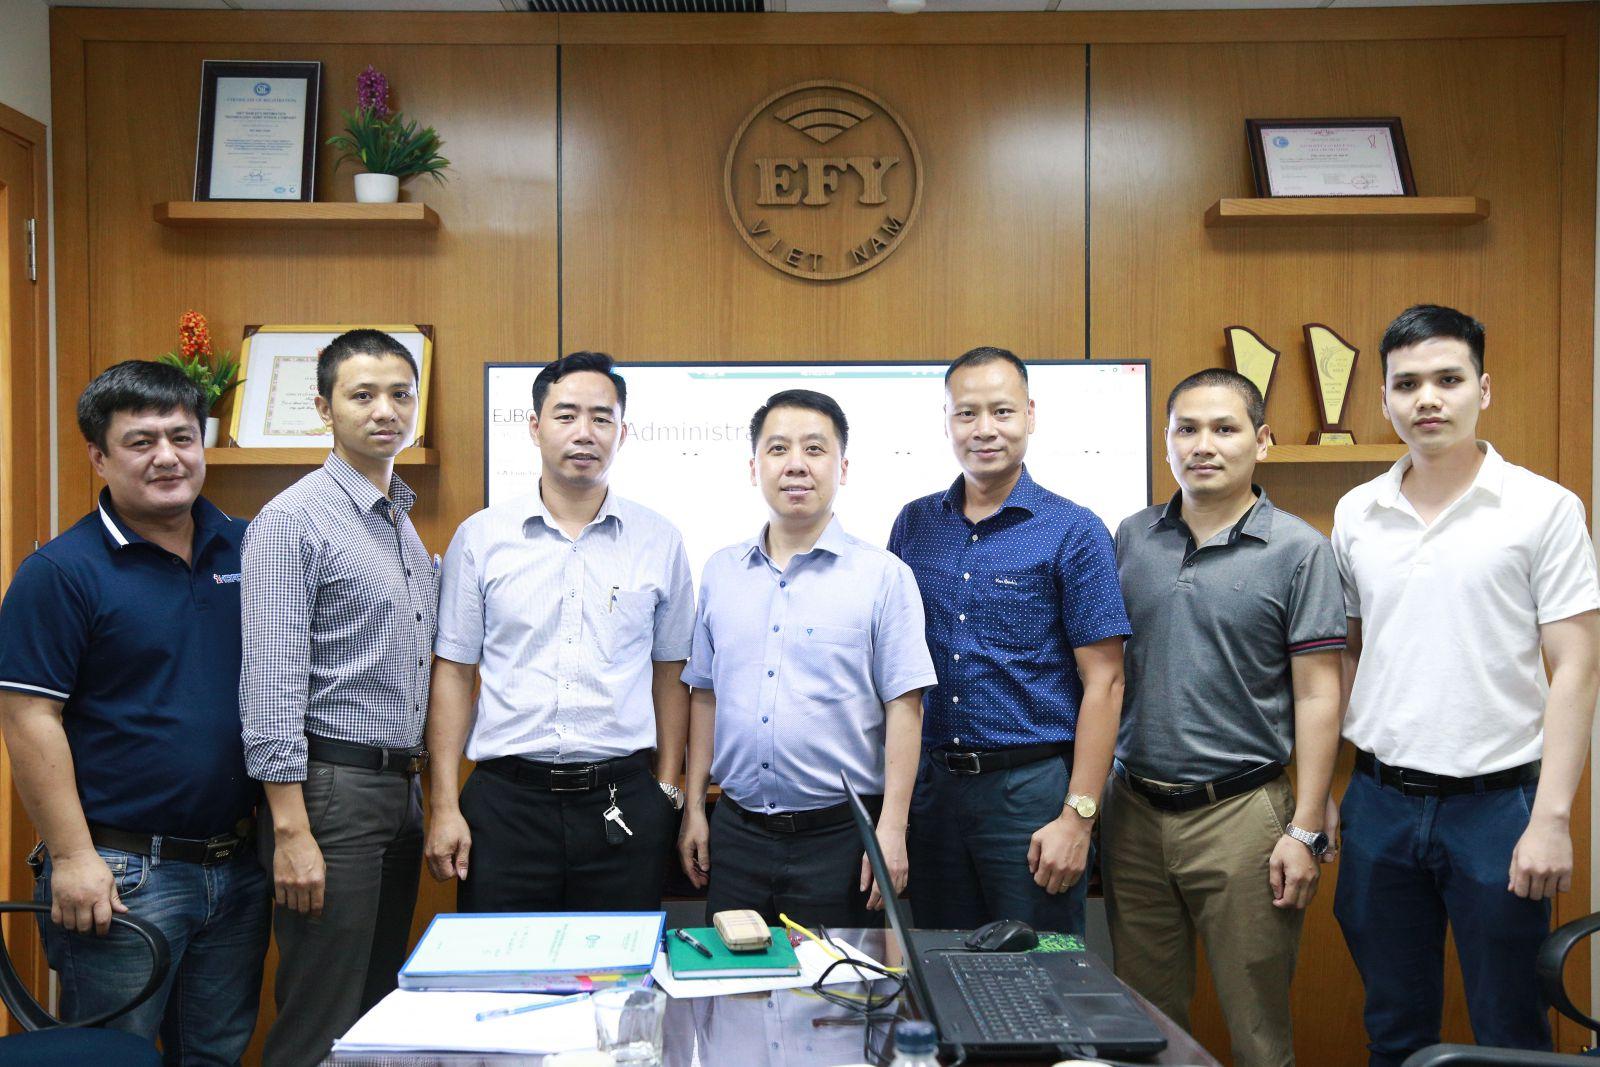 EFY Việt Nam hoàn thành kiểm tra kỹ thuật cung cấp dịch vụ chữ ký số